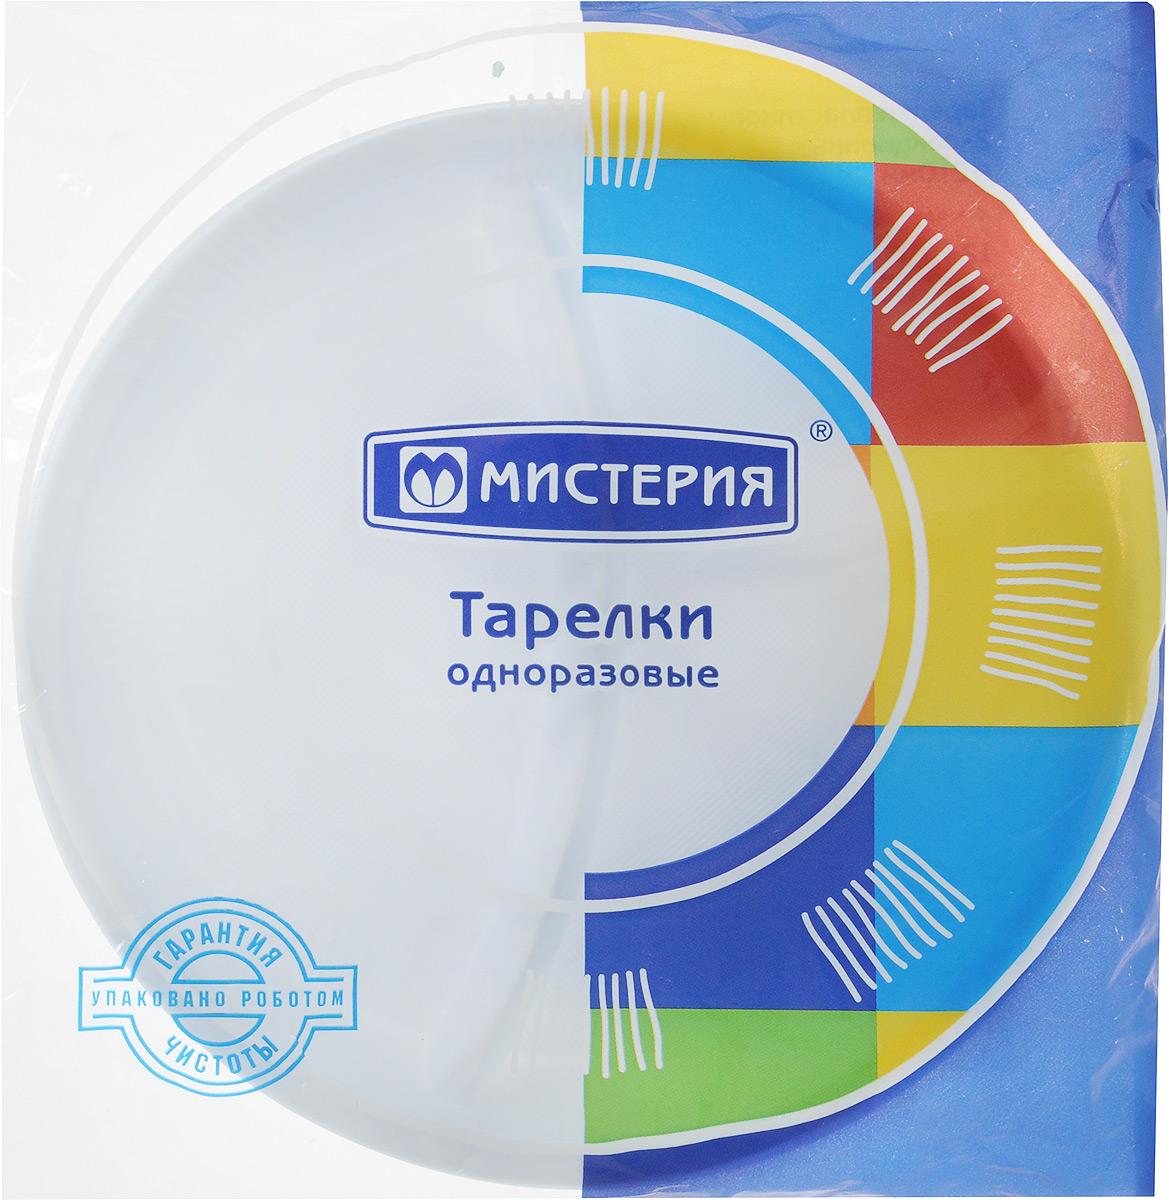 Тарелка одноразовая Мистерия, 2 секции, диаметр 21 см, 12 шт183405Набор Мистерия состоит из 12 круглых тарелок, выполненных из полистирола и предназначенных для одноразового использования. Такие тарелки подходят для пищевых продуктов и имеют 2 секции. Одноразовые тарелки будут незаменимы при поездках на природу, пикниках и других мероприятиях. Они не займут много места, легки и самое главное - после использования их не надо мыть. Диаметр тарелки: 21 см. Высота тарелки: 1,5 см.